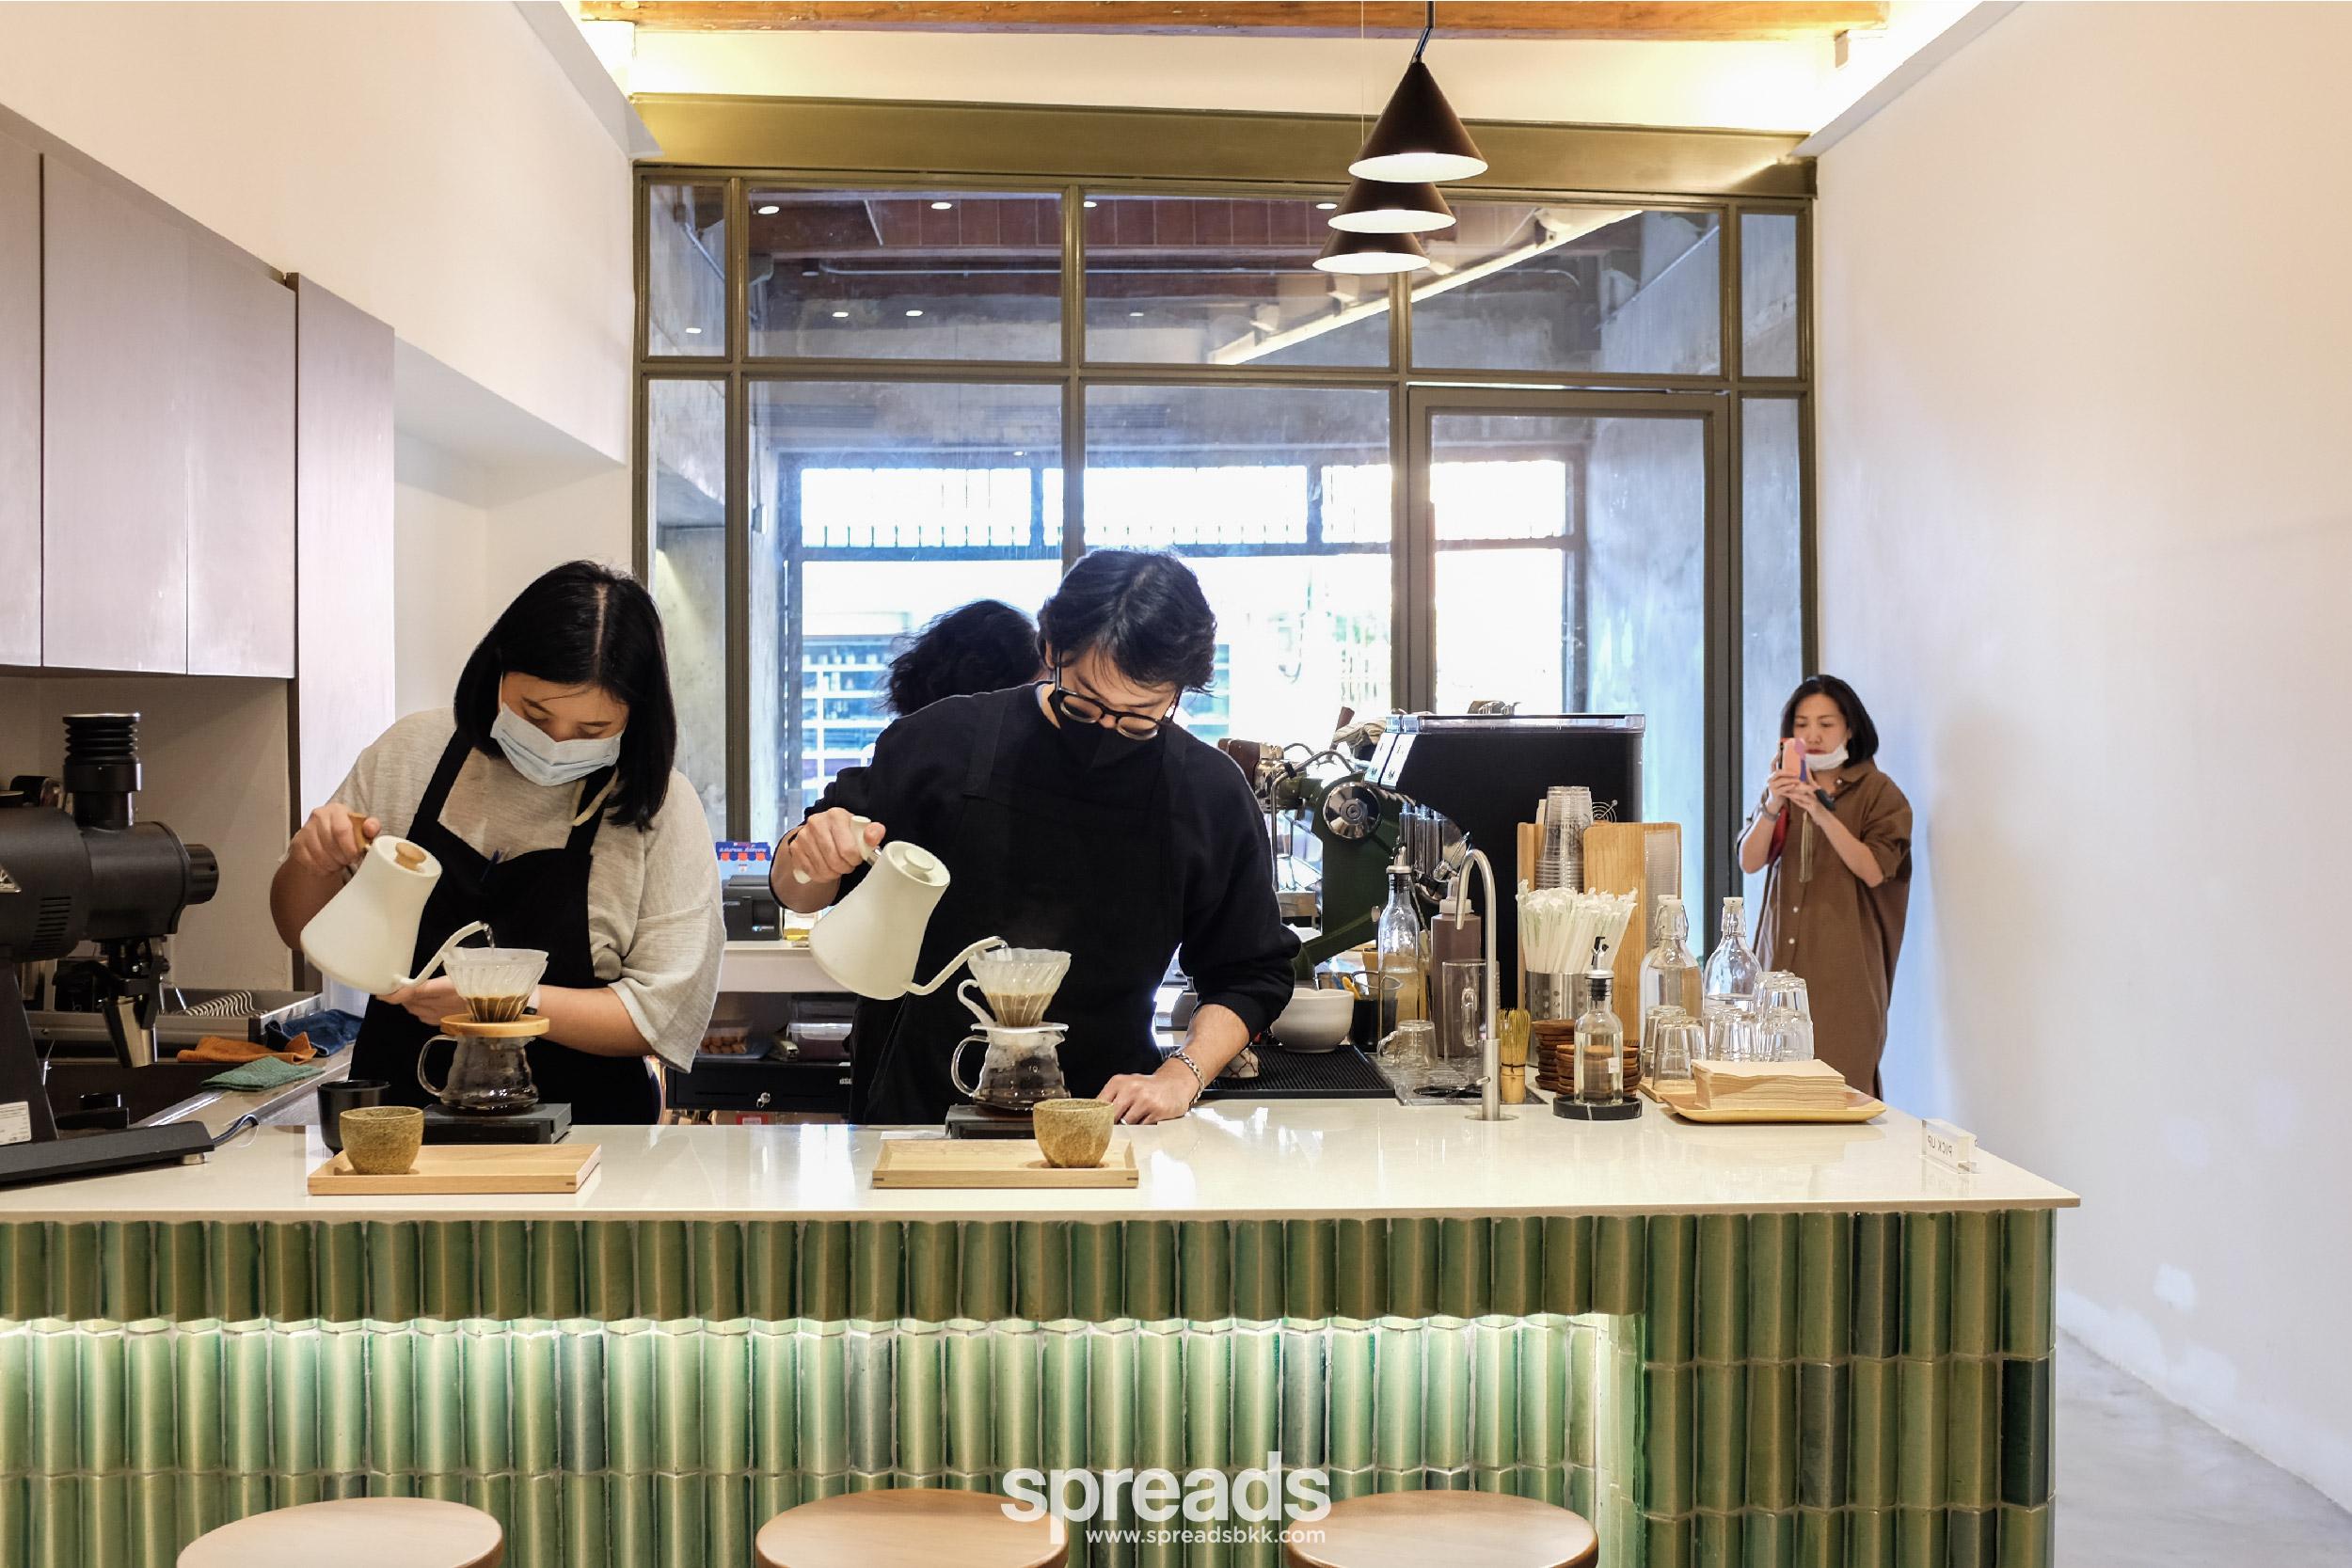 la cabra thailand barista brewing coffee